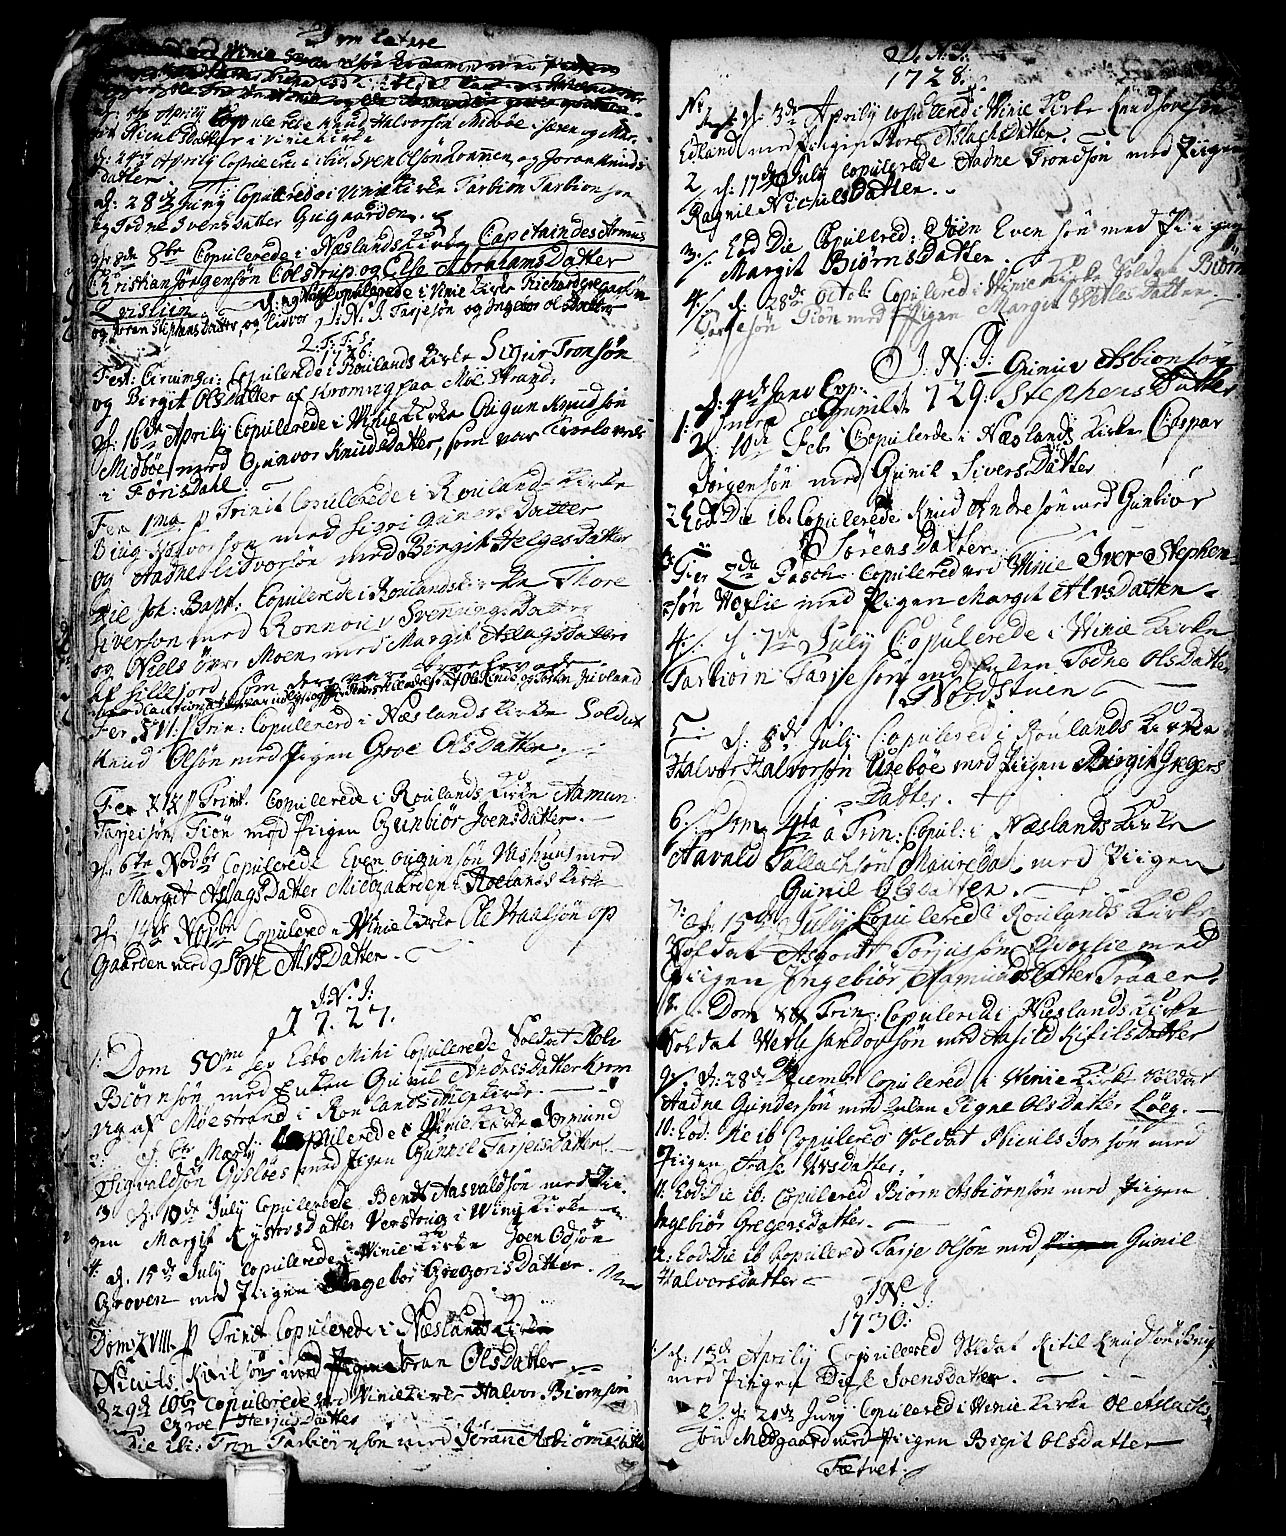 SAKO, Vinje kirkebøker, F/Fa/L0001: Ministerialbok nr. I 1, 1717-1766, s. 32